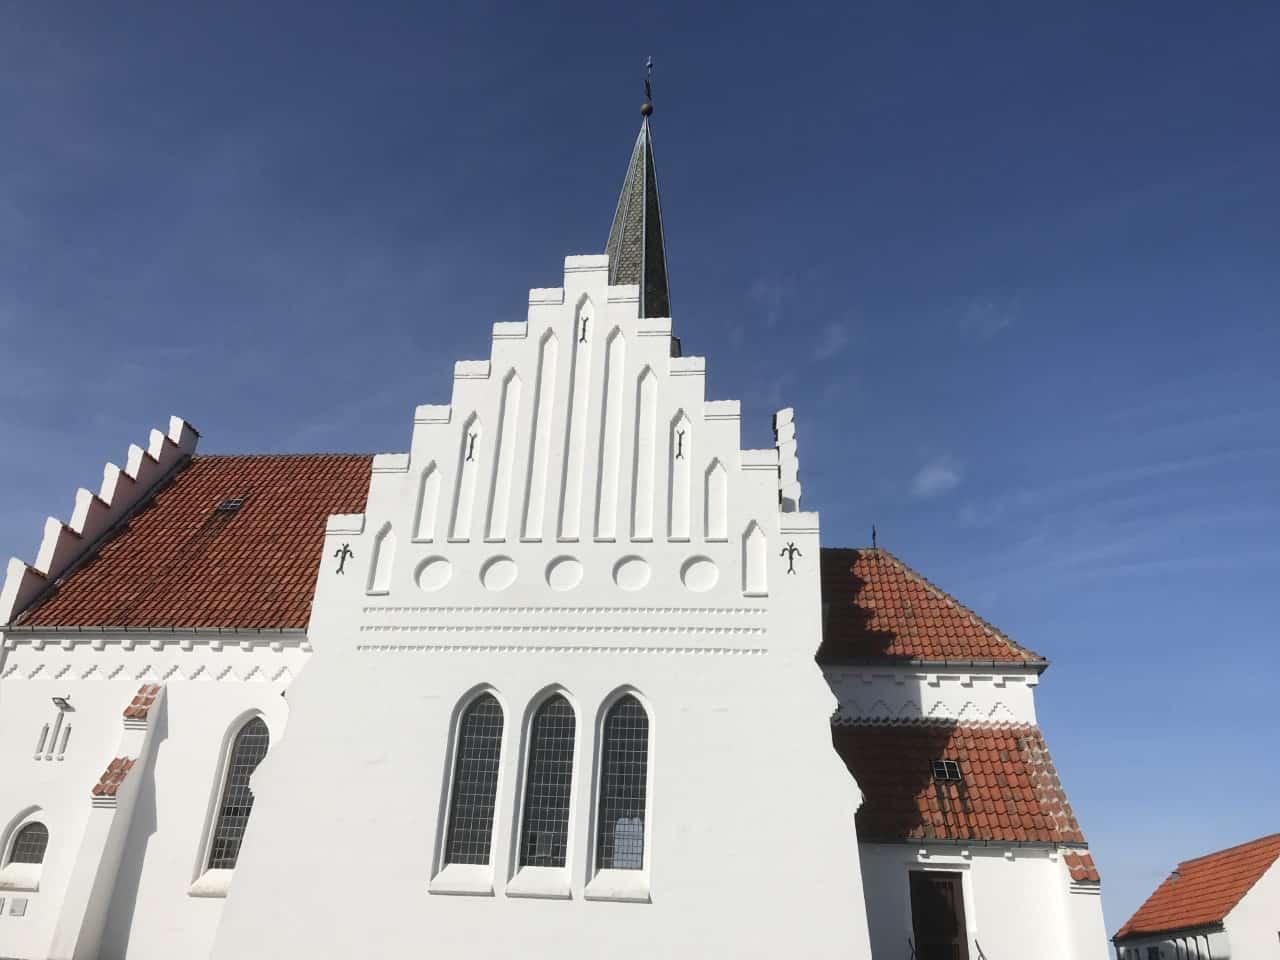 Bagenkop Kirke kirketårn